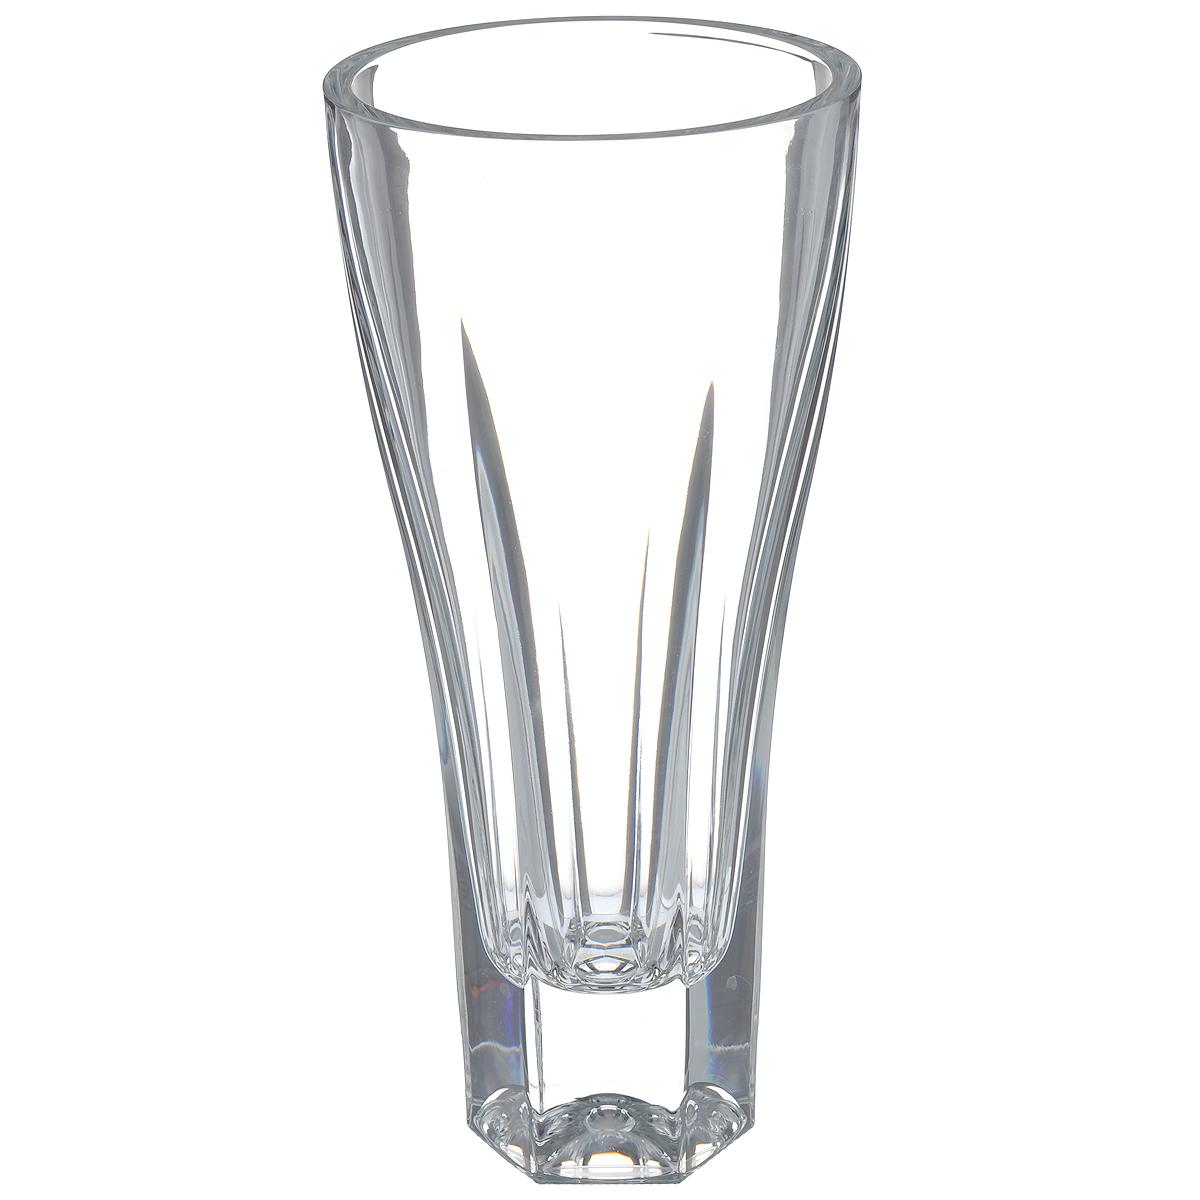 Ваза Crystal Bohemia, высота 30,5 см23900Изящная ваза Crystal Bohemia изготовлена из хрусталя. Ваза оформленарельефным рисунком, что делает ее изящным украшениеминтерьера.Ваза Crystal Bohemia дополнит интерьер офиса или дома и станет желанным истильнымподарком. Высота вазы: 30,5 см.Диаметр вазы (по верхнему краю): 14 см.